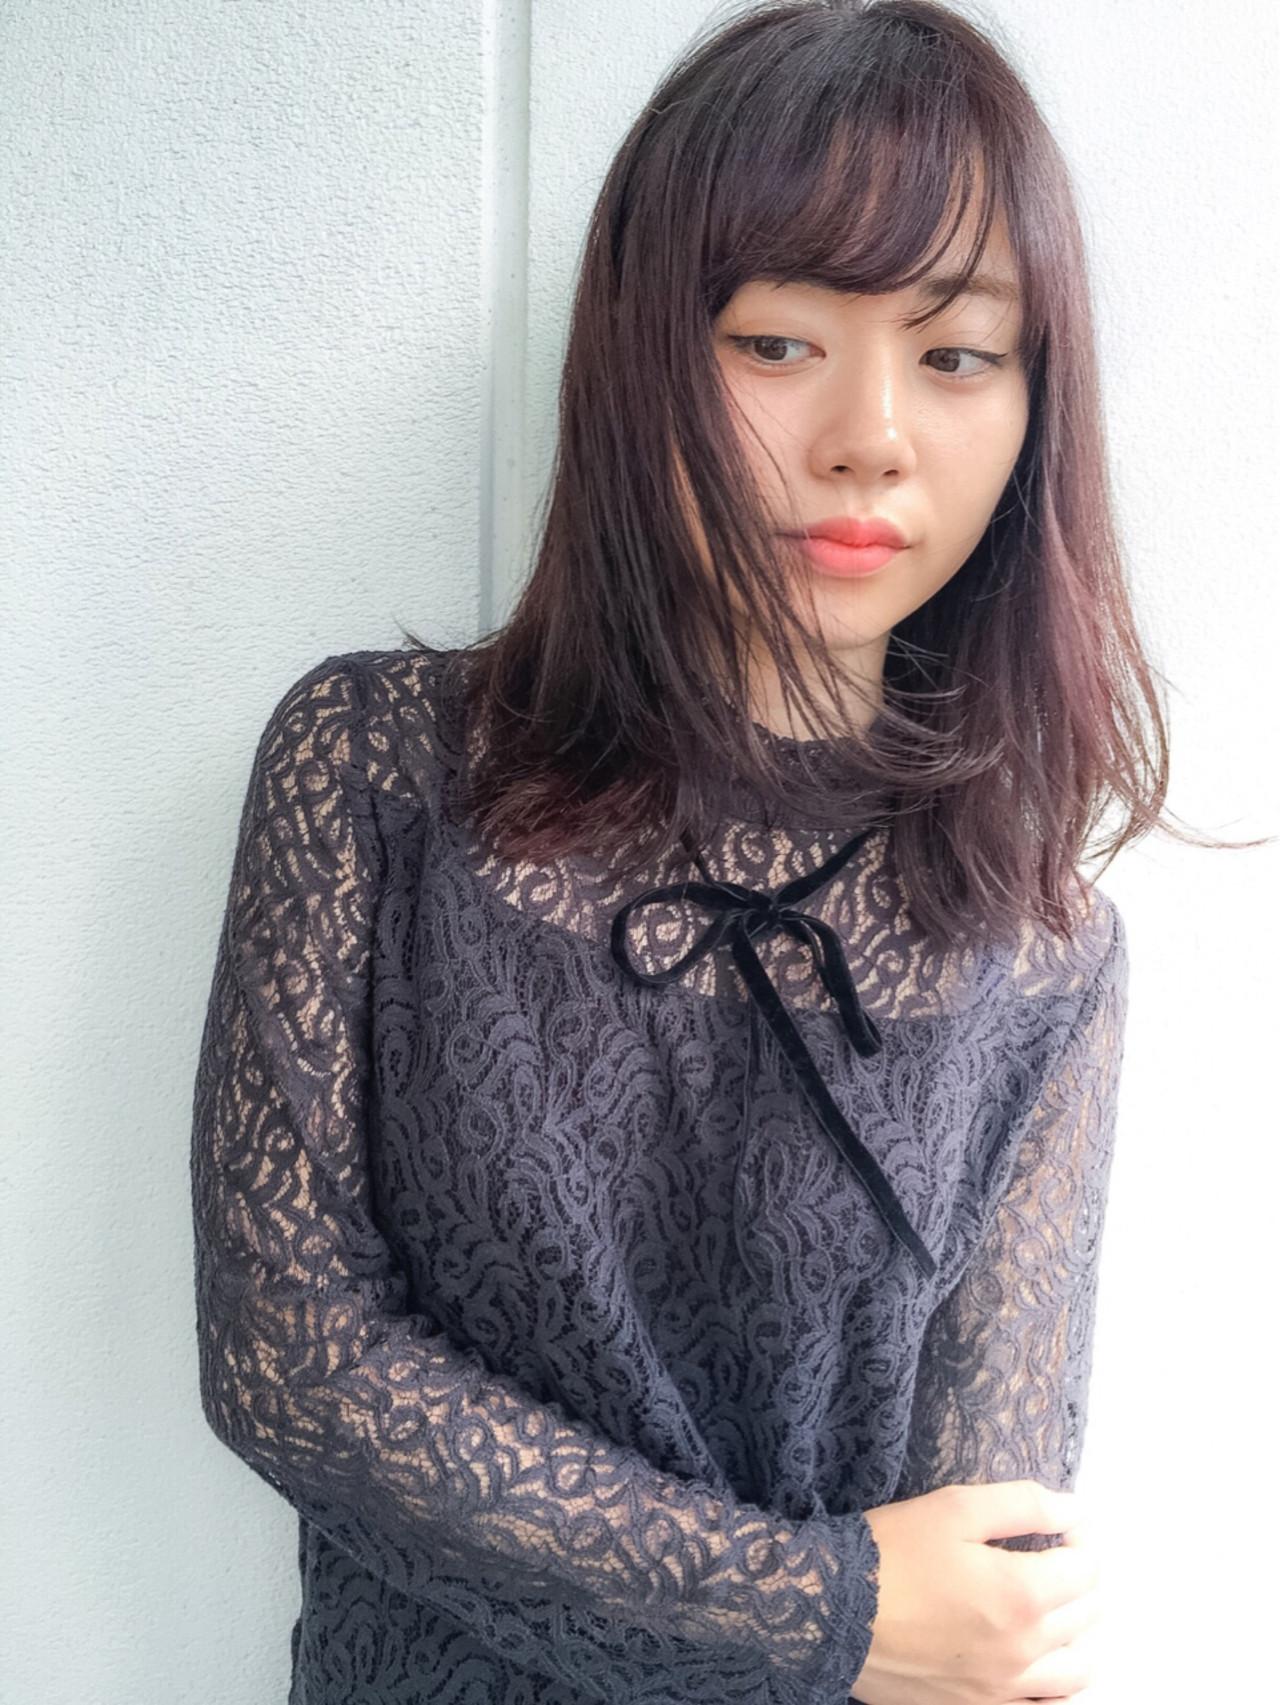 blogからベリーカラー詳細へ(^^)